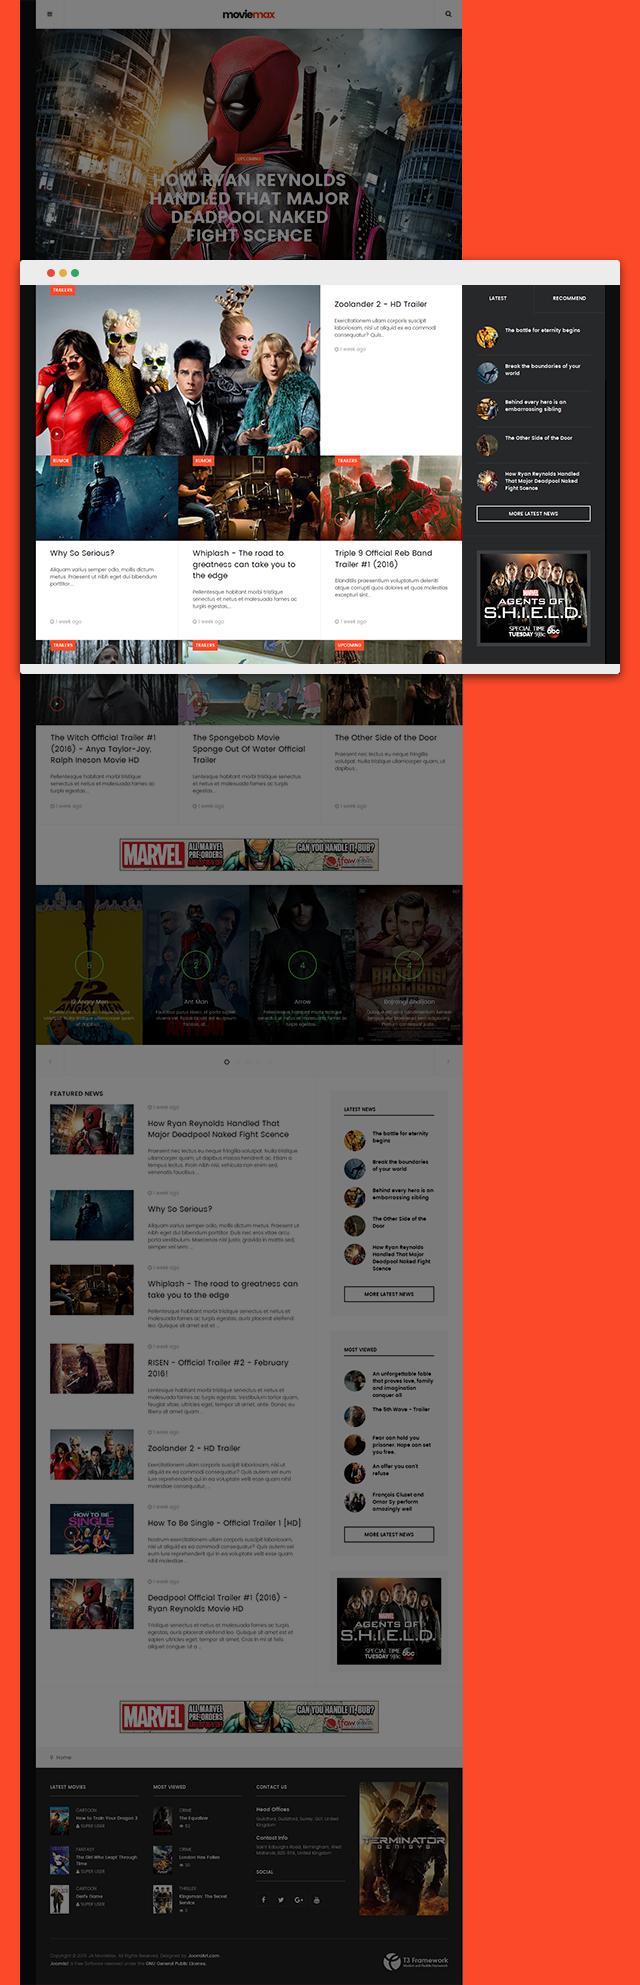 Preview] JA Moviemax – Responsive Movies Joomla template - JoomlArt